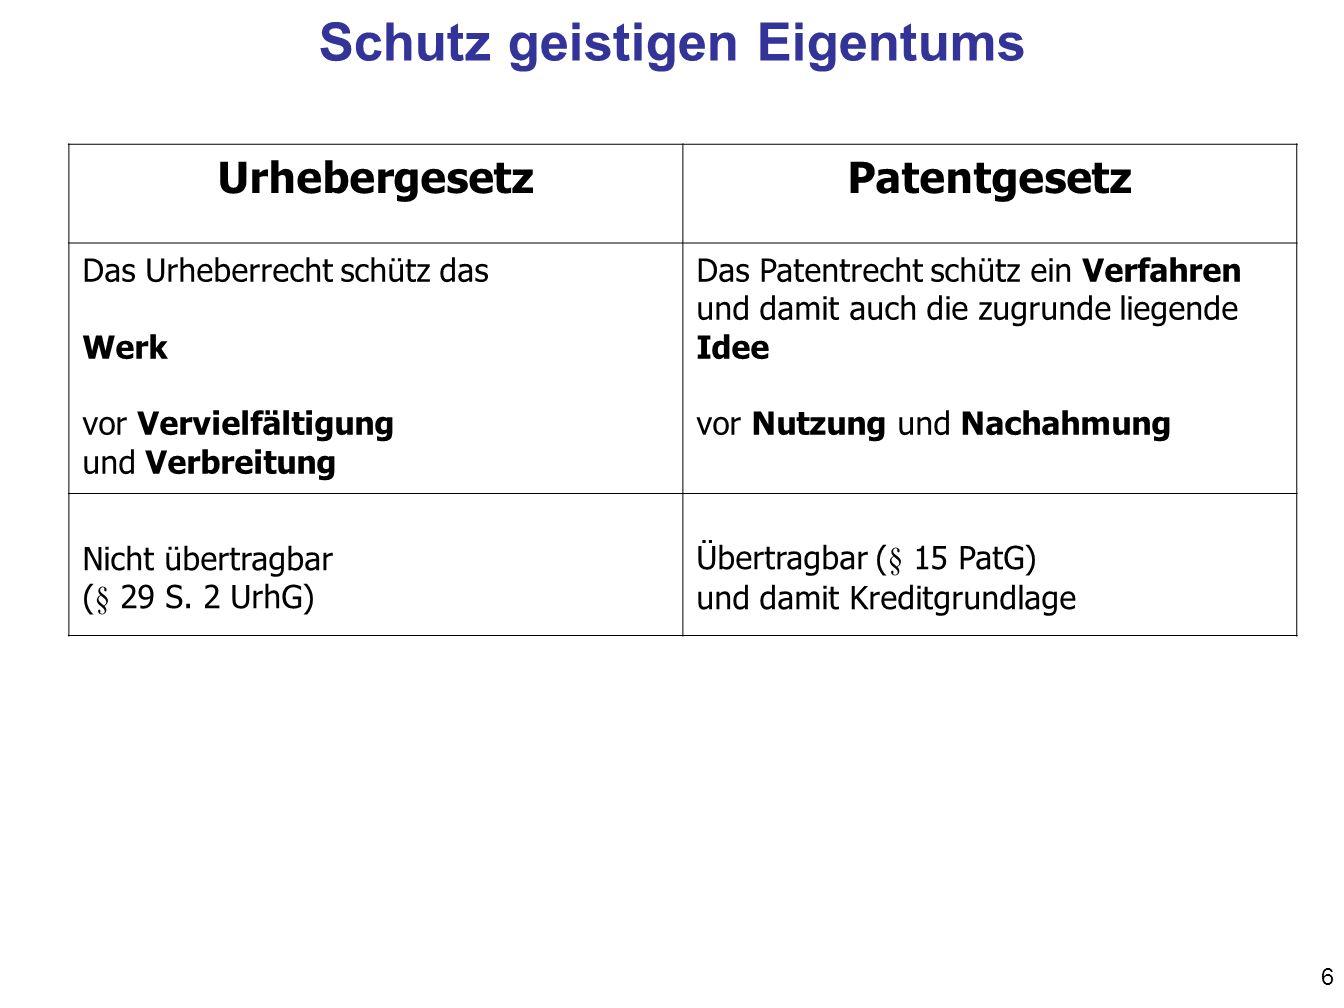 47 Die zum Holtzbrink-Verlag gehörende Verlagsgruppe Handelblatt (H) gibt die Zeitschrift Handelsblatt heraus.